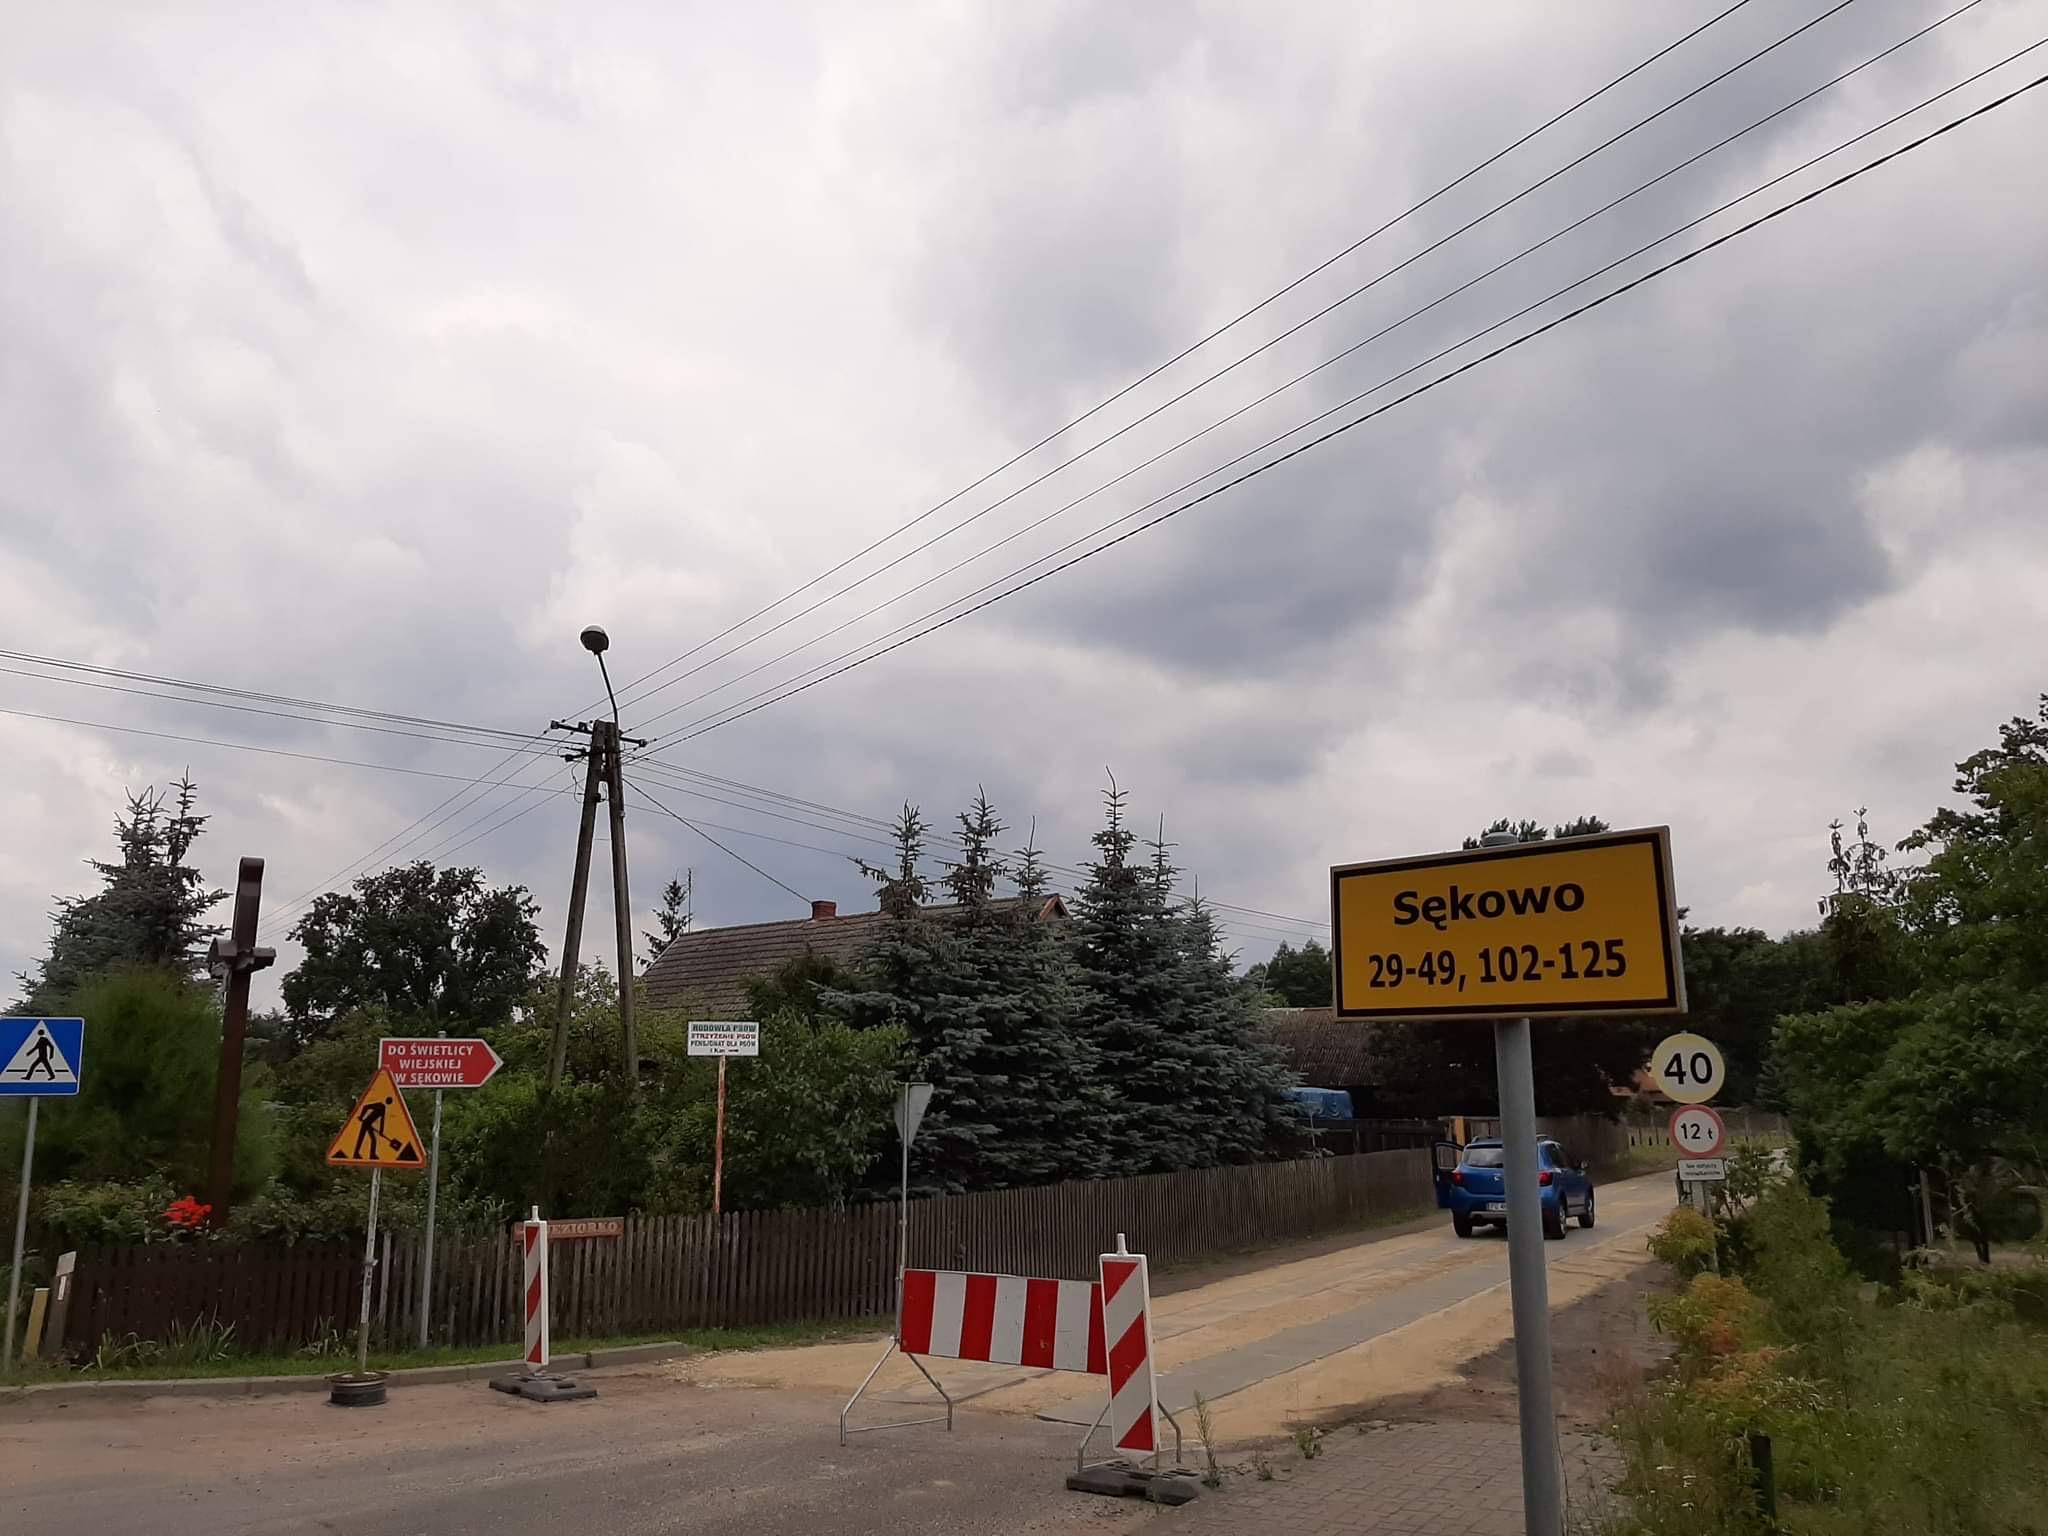 Remont drogi w Sękowie